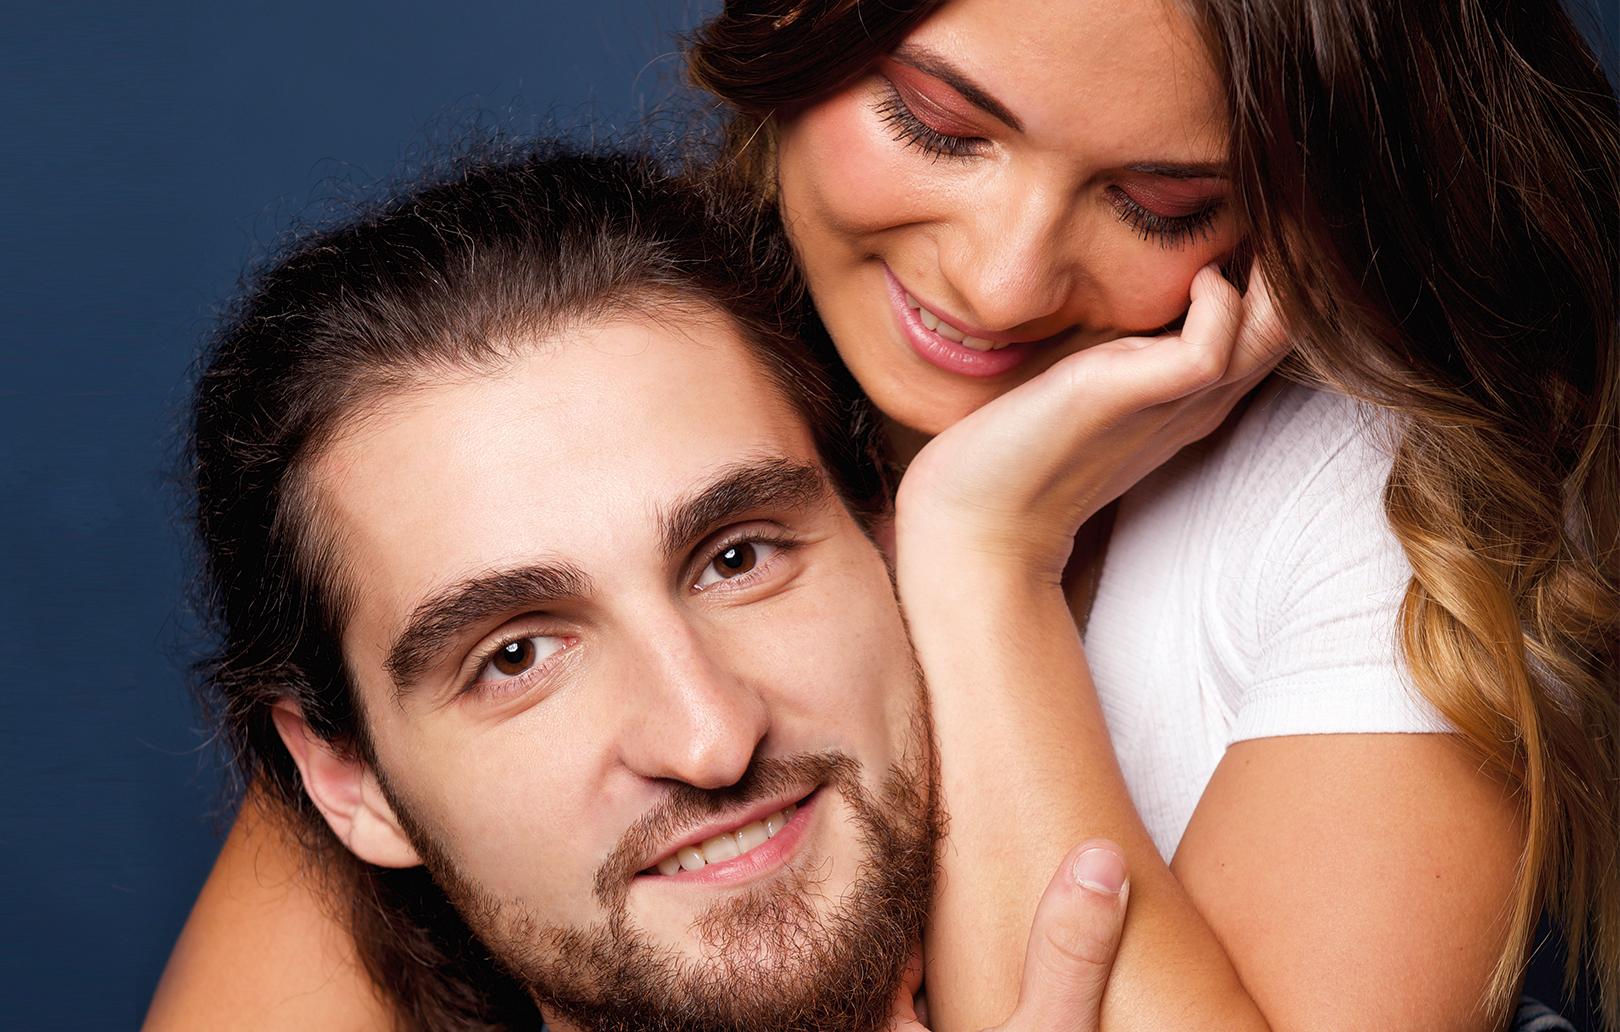 partner-fotoshooting-siegen-bg31617876528